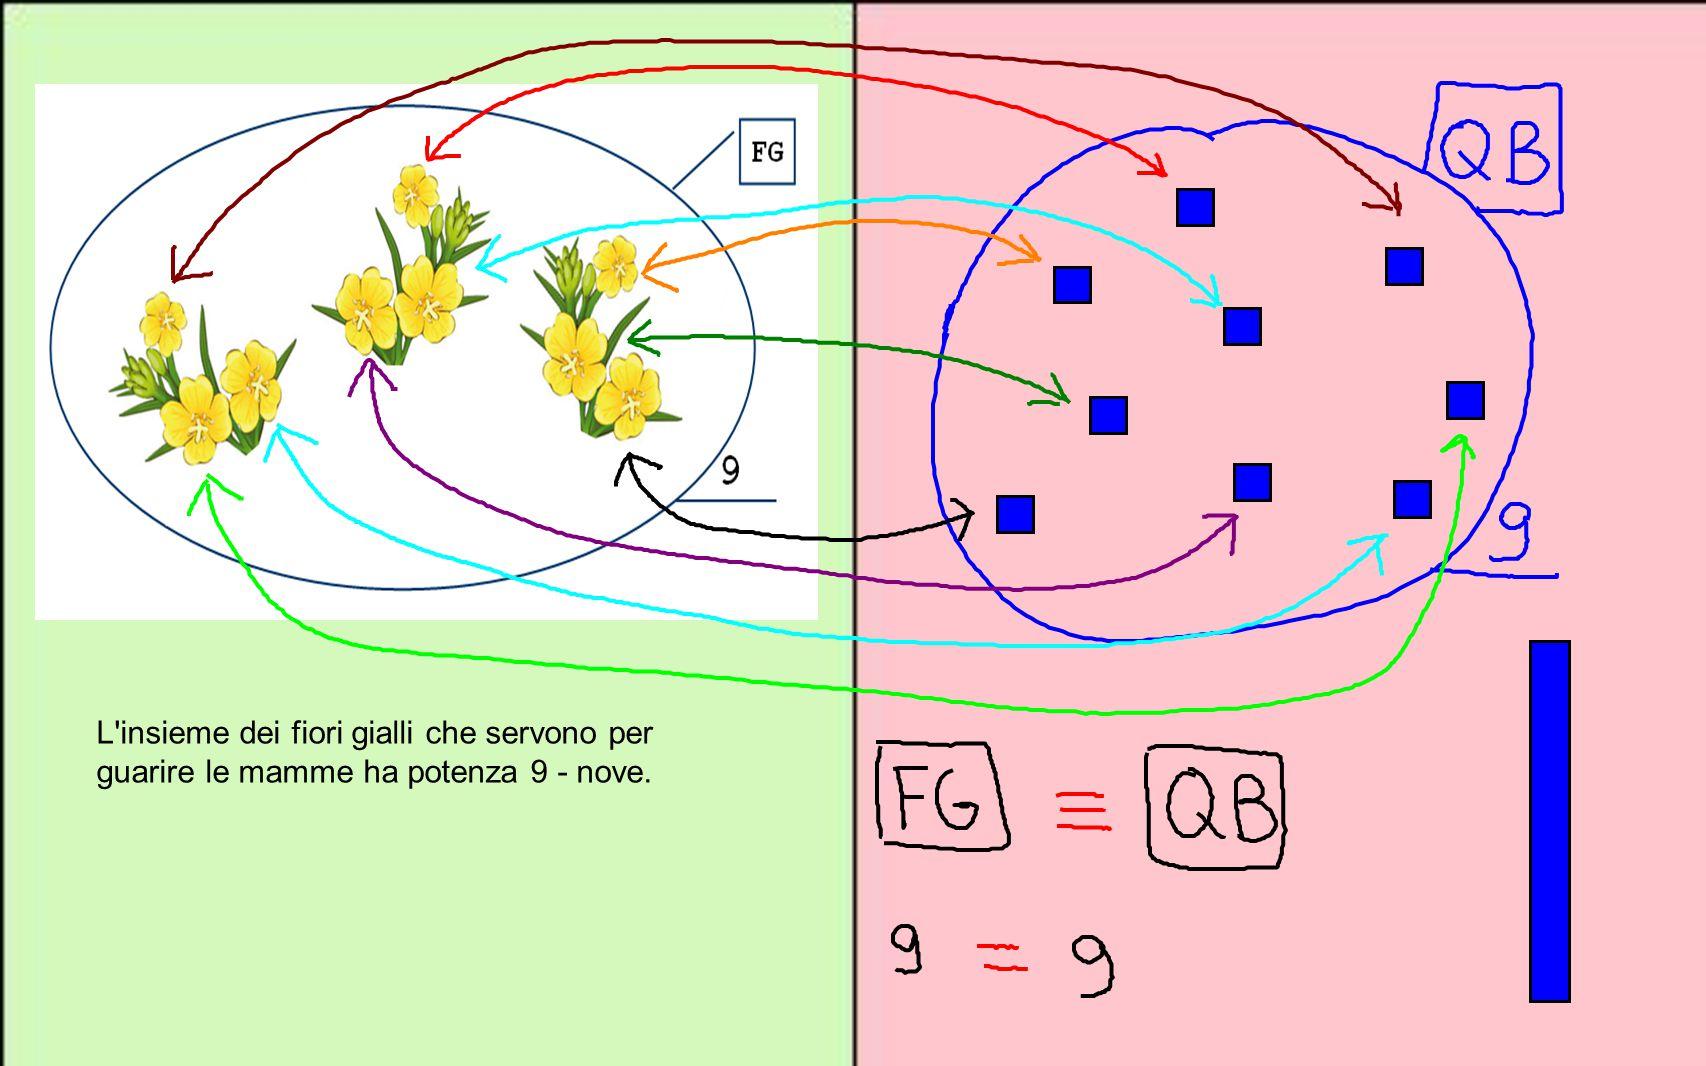 L insieme dei fiori gialli che servono per guarire le mamme ha potenza 9 - nove.